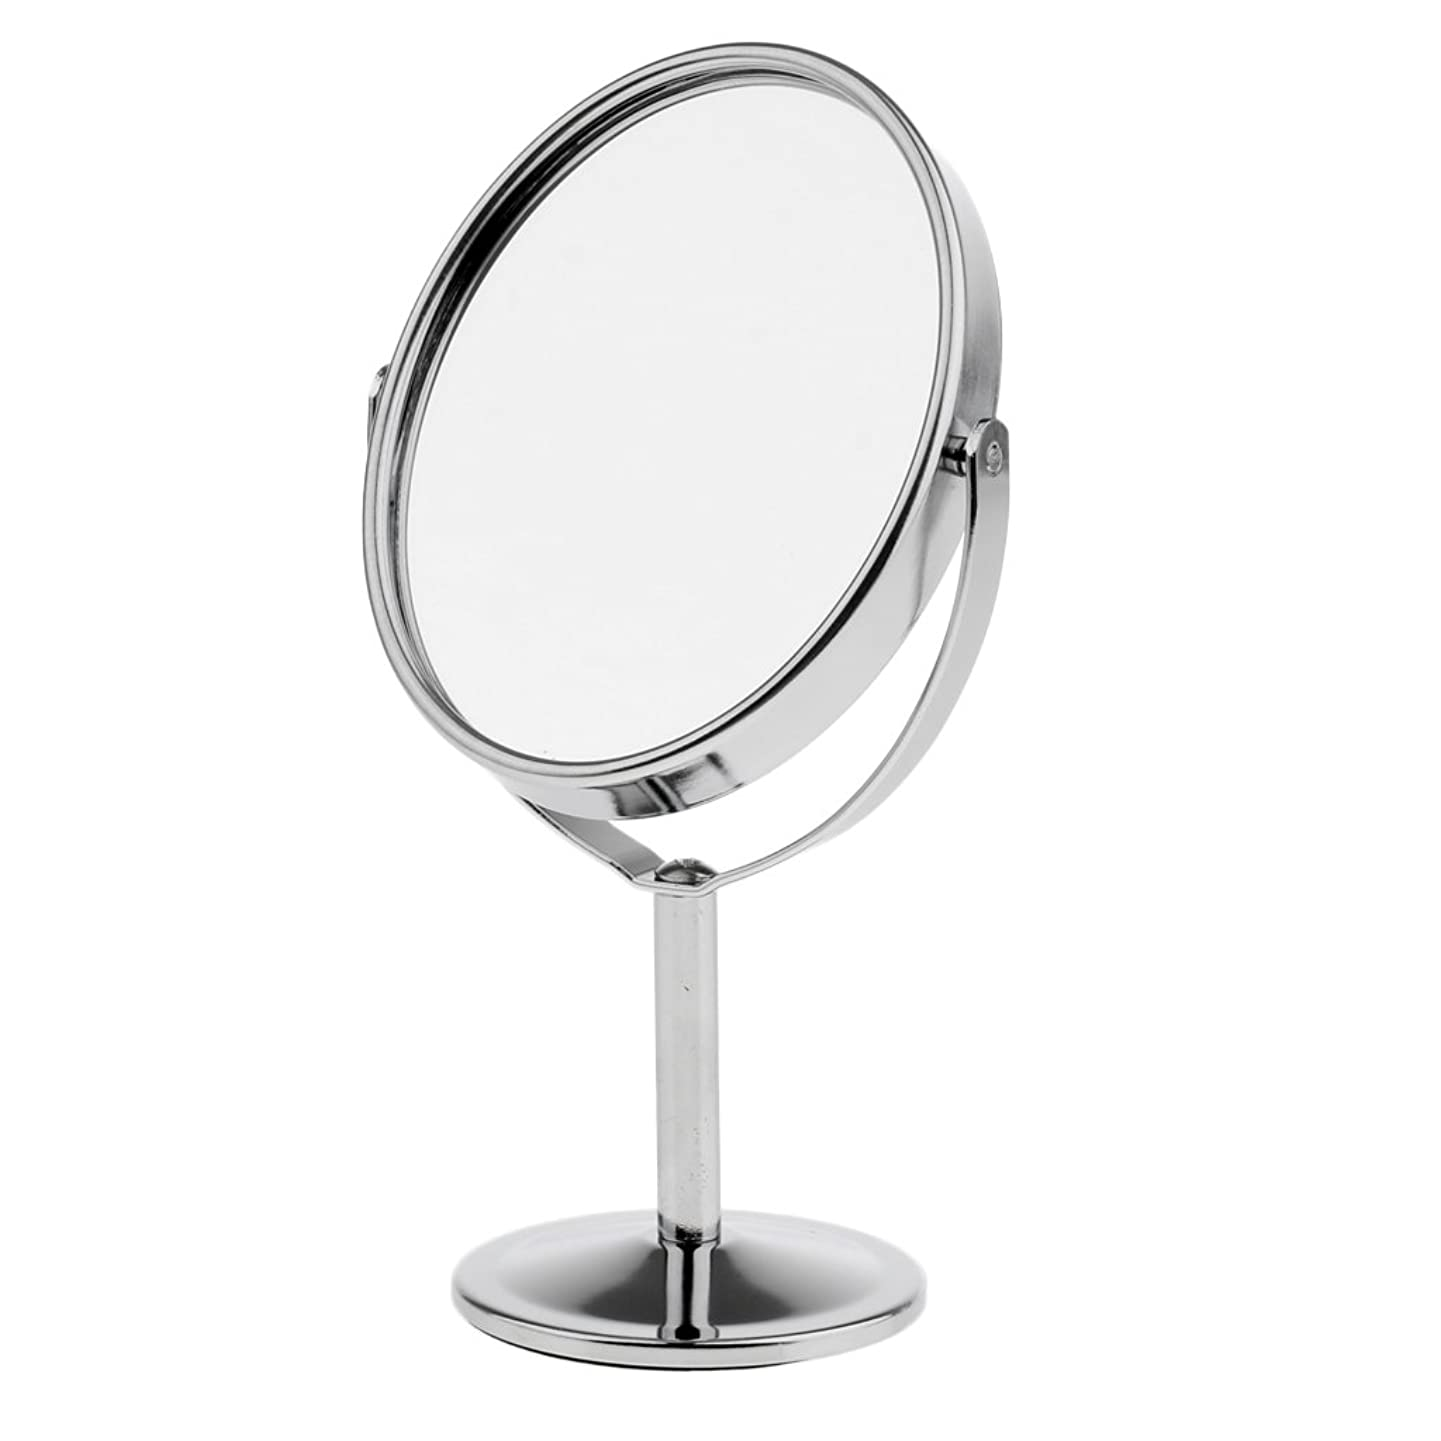 コンピューターディレイ上記の頭と肩Homyl メイクアップミラー テーブルミラー 化粧鏡 両面 拡大鏡 ミラー 楕円 スタンド 360度回転 便利 プレゼント メイクアップ 2色選べる - 銀